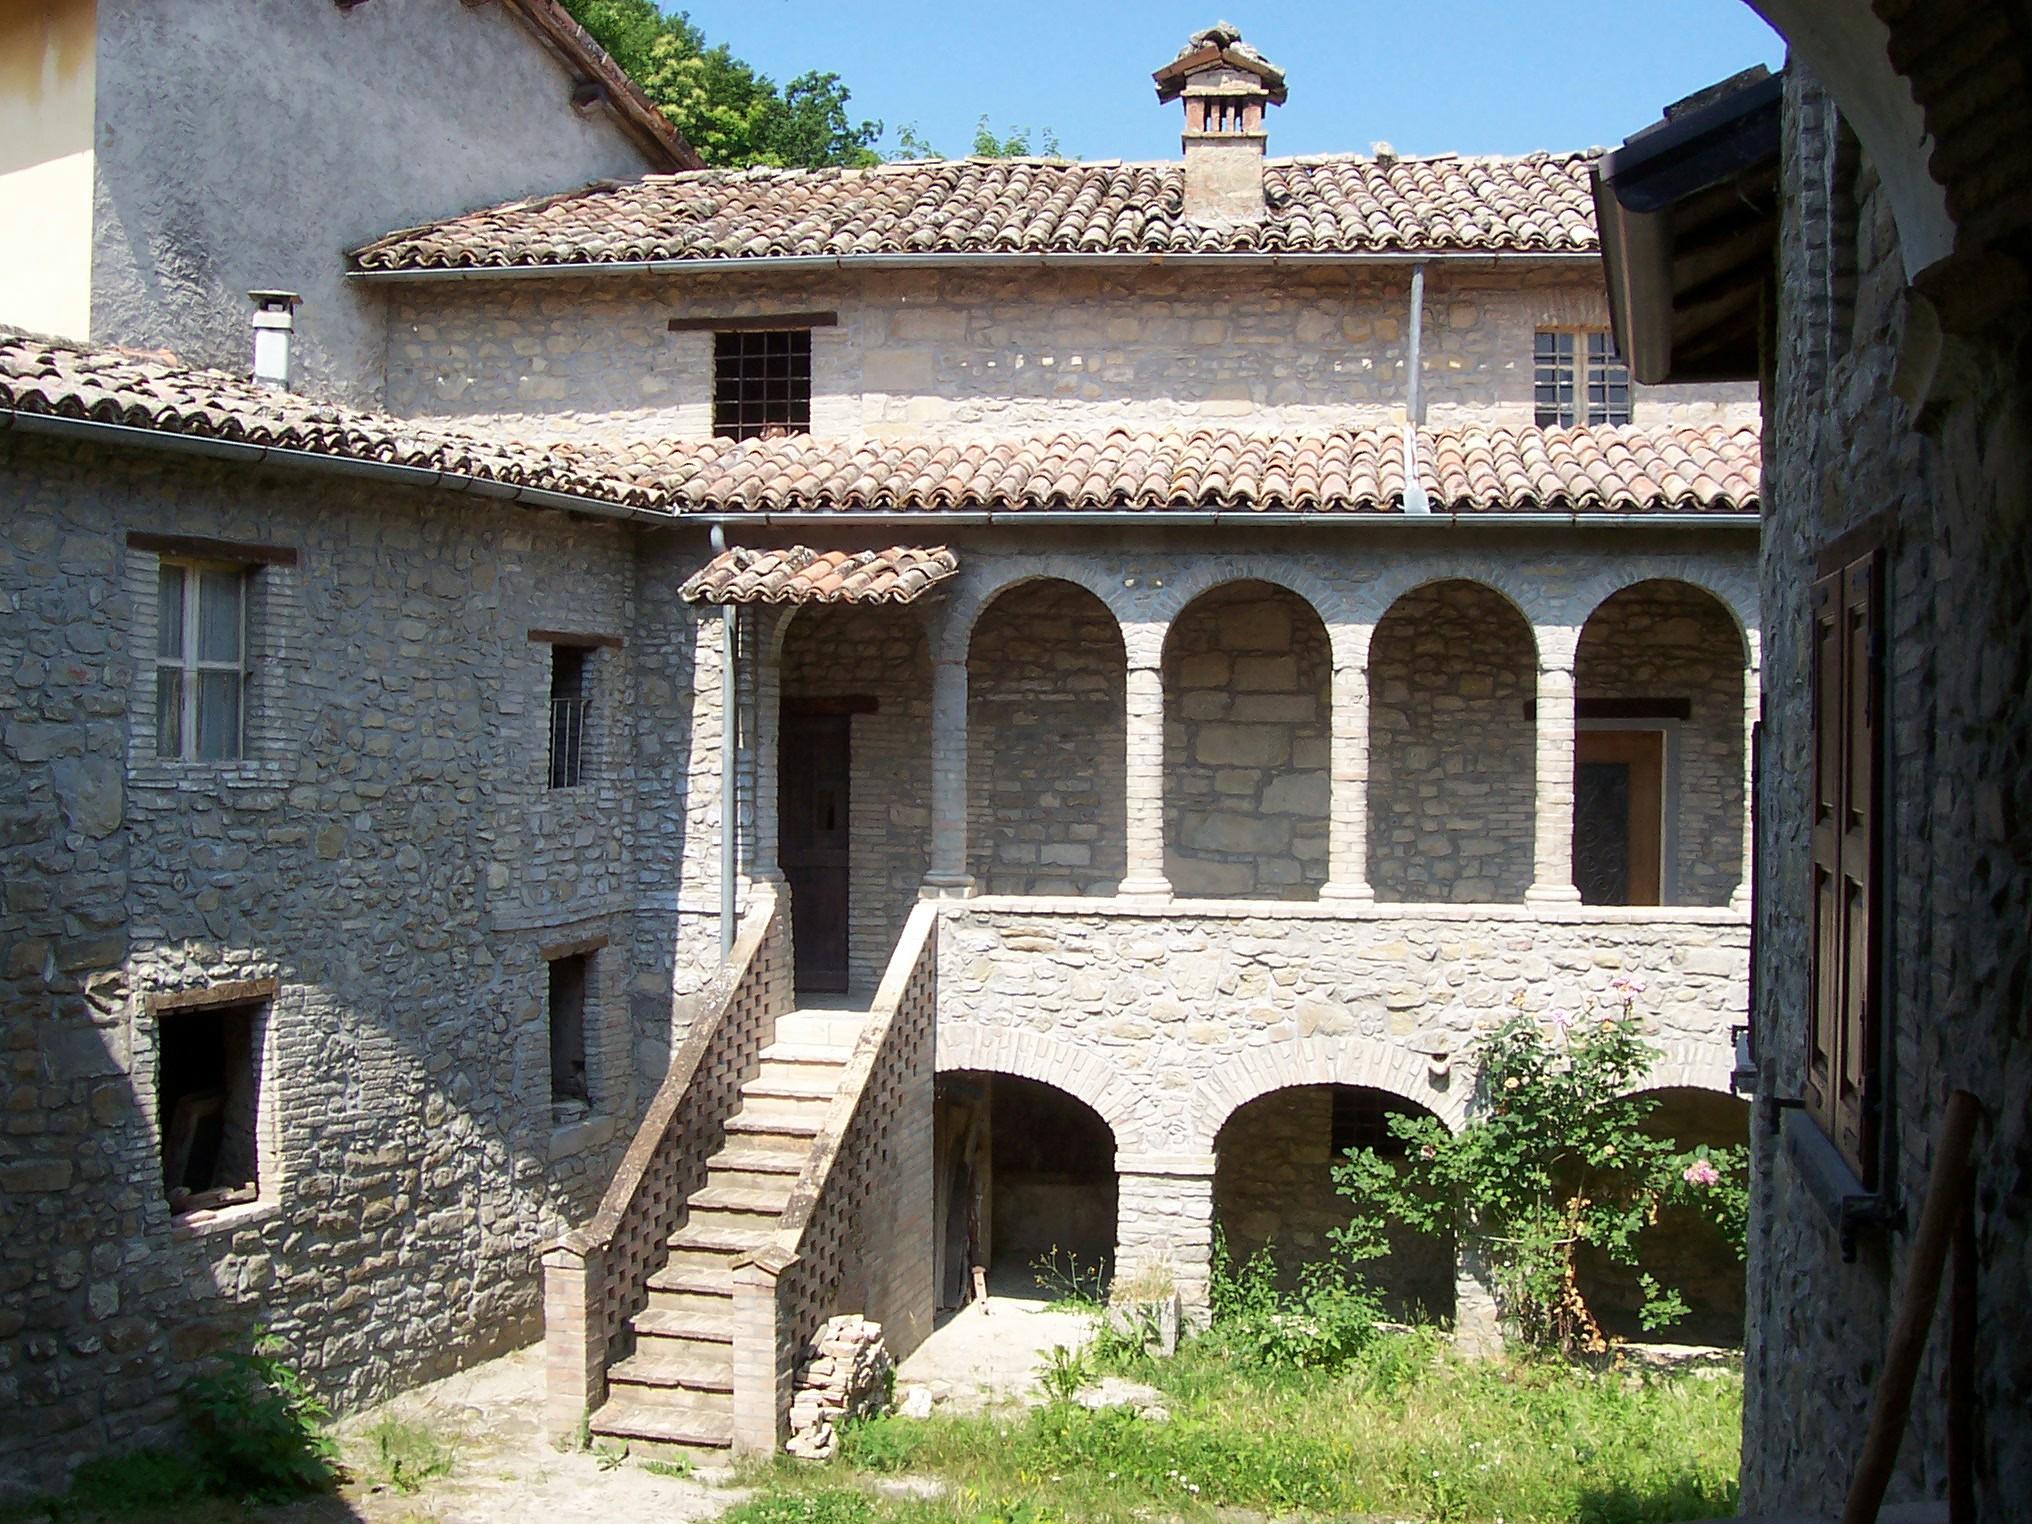 I borghi comune di vetto re - Archi in pietra interno casa ...